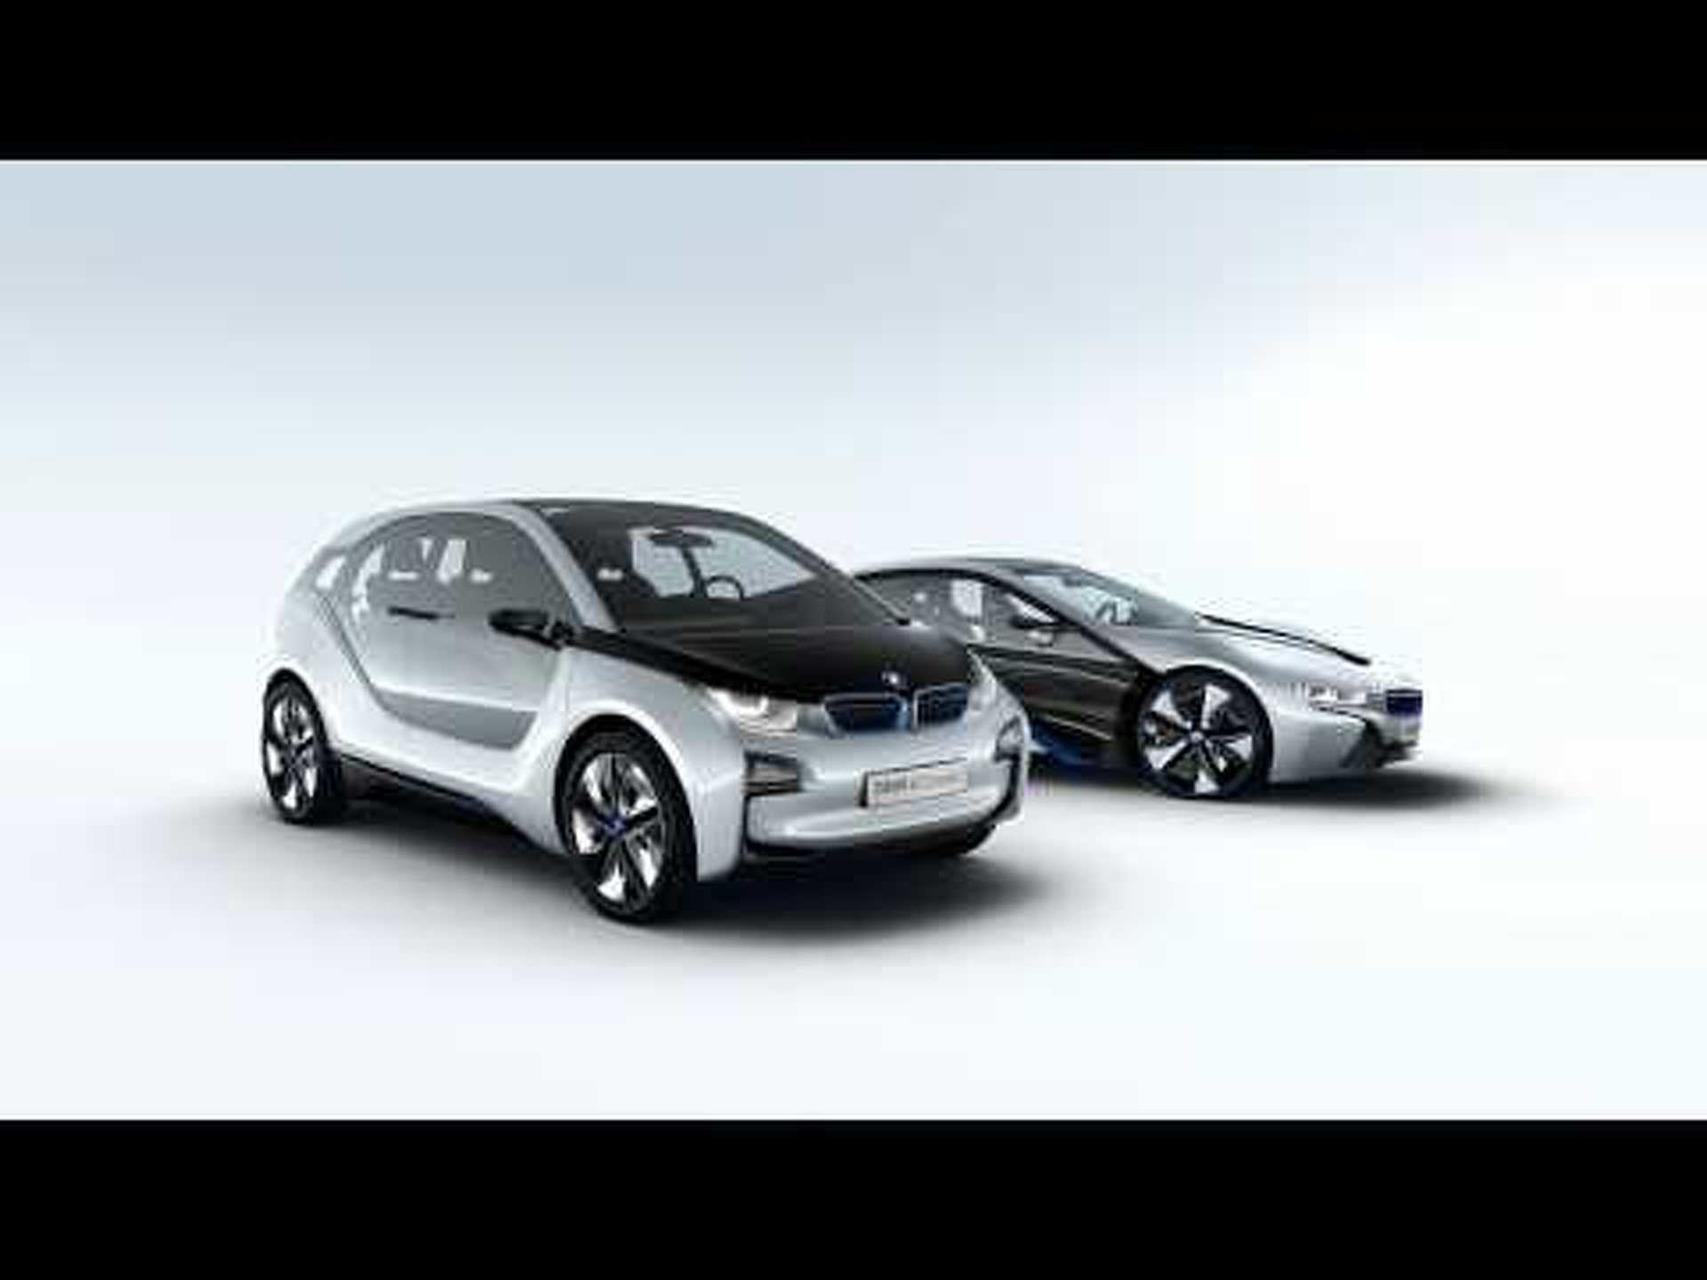 2011 BMW i3 & i8 Concept